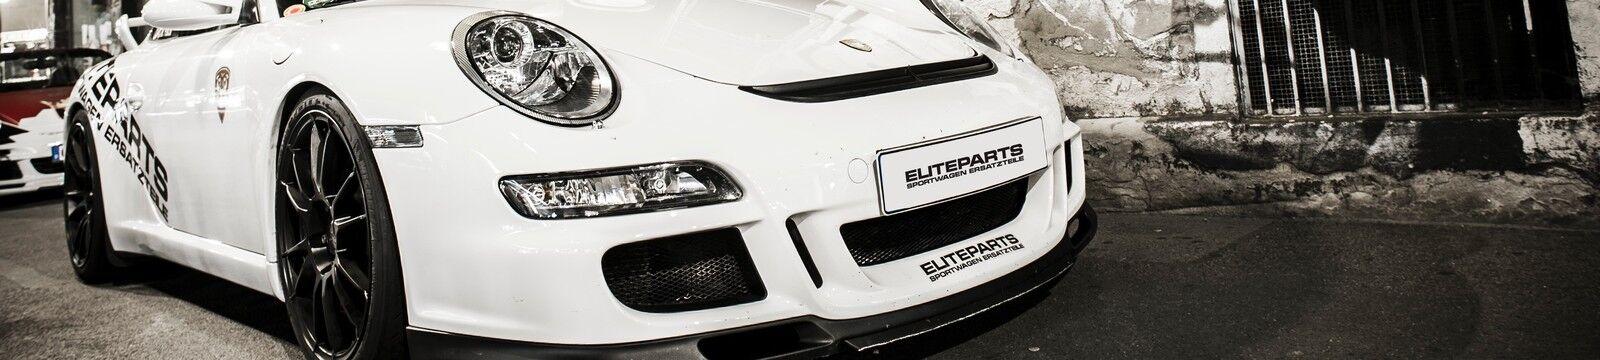 ep-sportwagenersatzteile